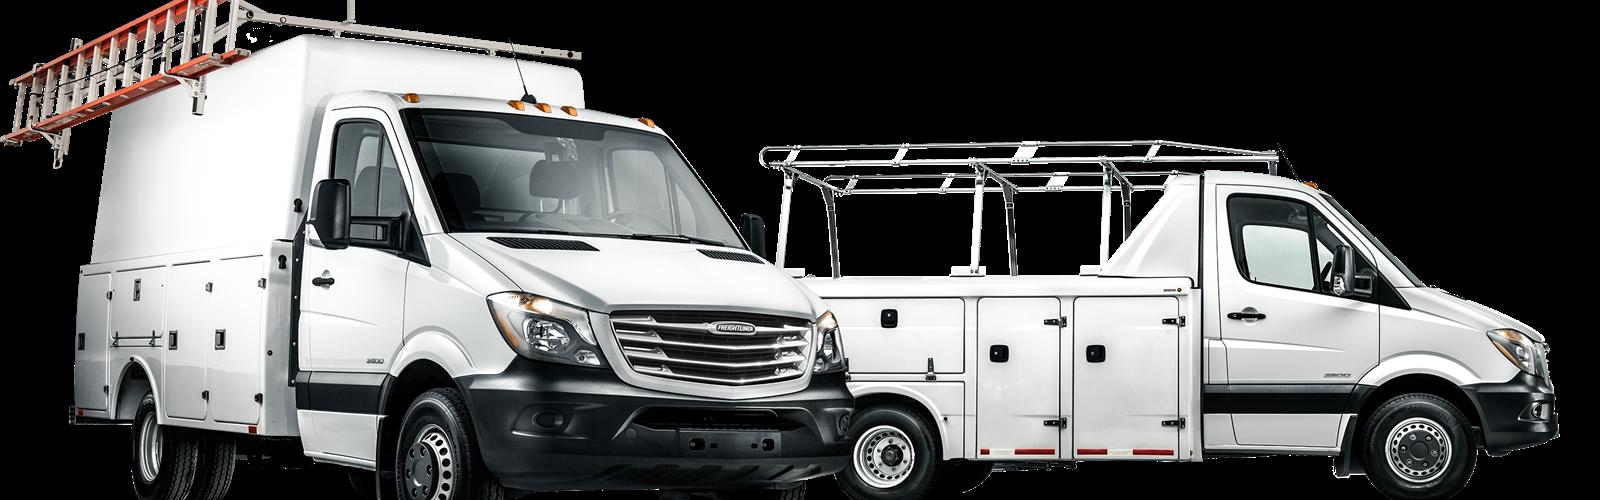 used cars pittsburg ca used cars trucks ca corporate fleet sales. Black Bedroom Furniture Sets. Home Design Ideas